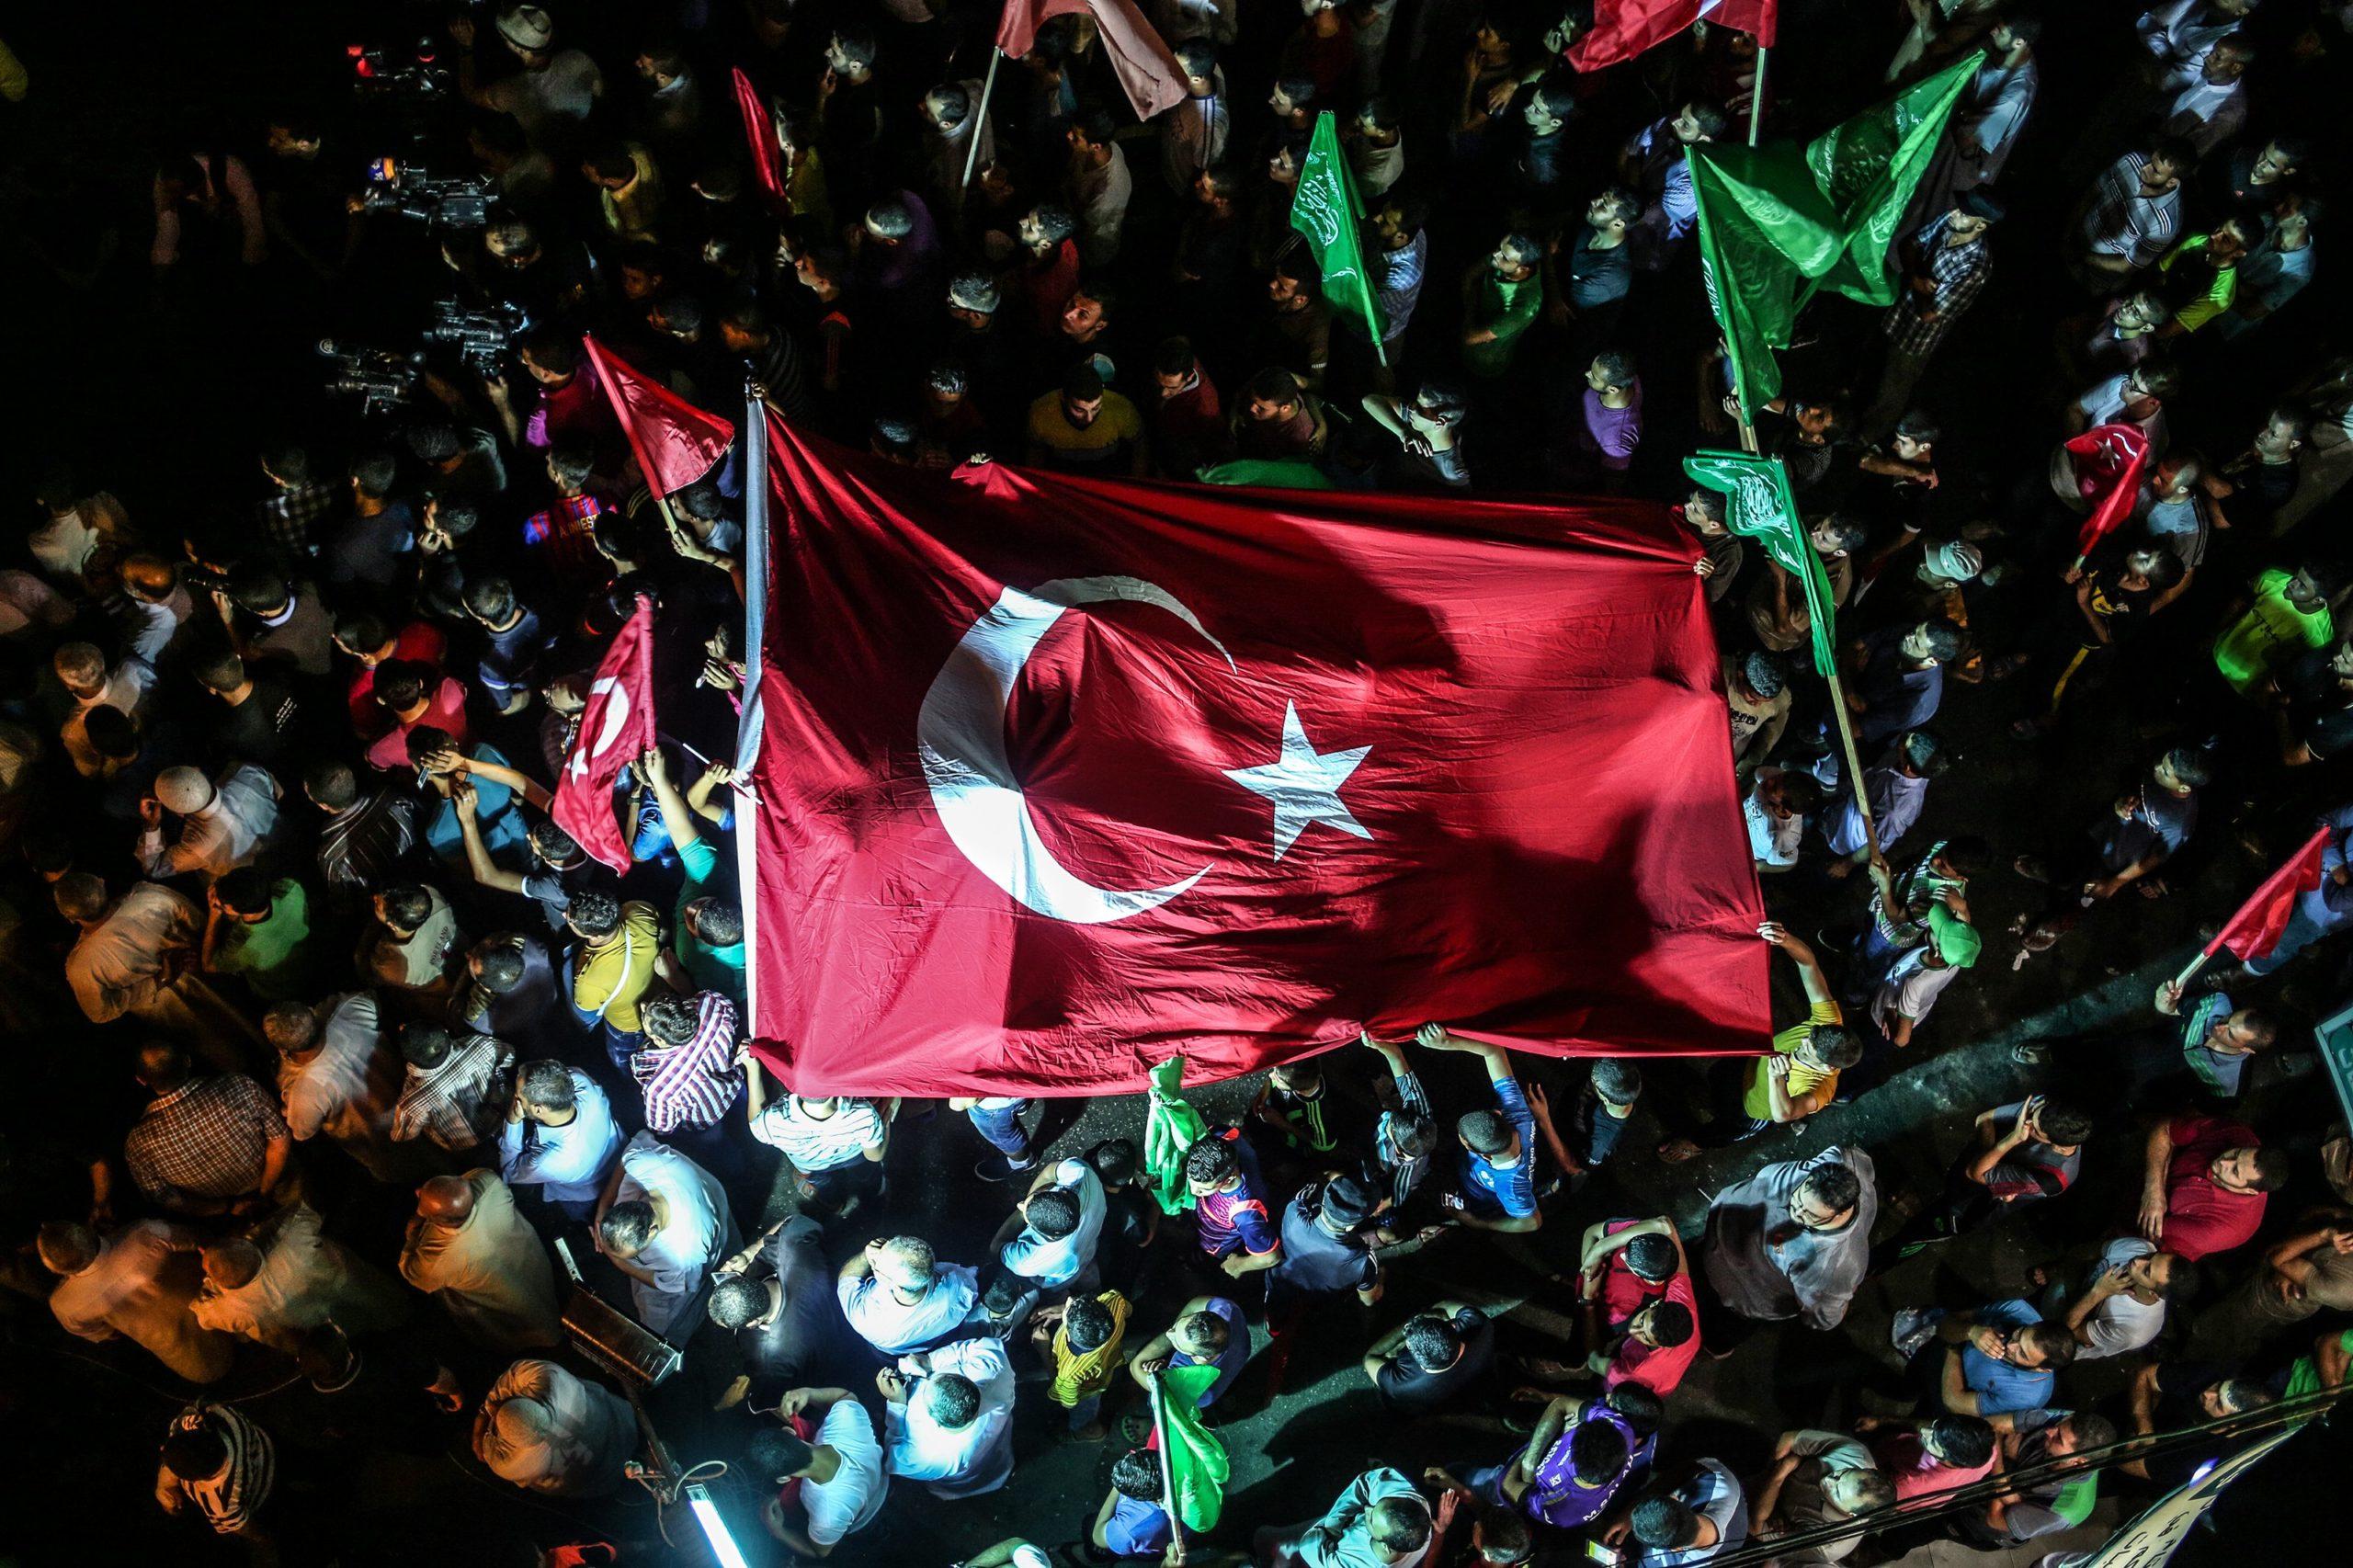 Τι συμβαίνει με την οικονομία της Τουρκίας; Στα πρόθυρα πτώχευσης ή προσφυγή στο ΔΝΤ..; (Vid)